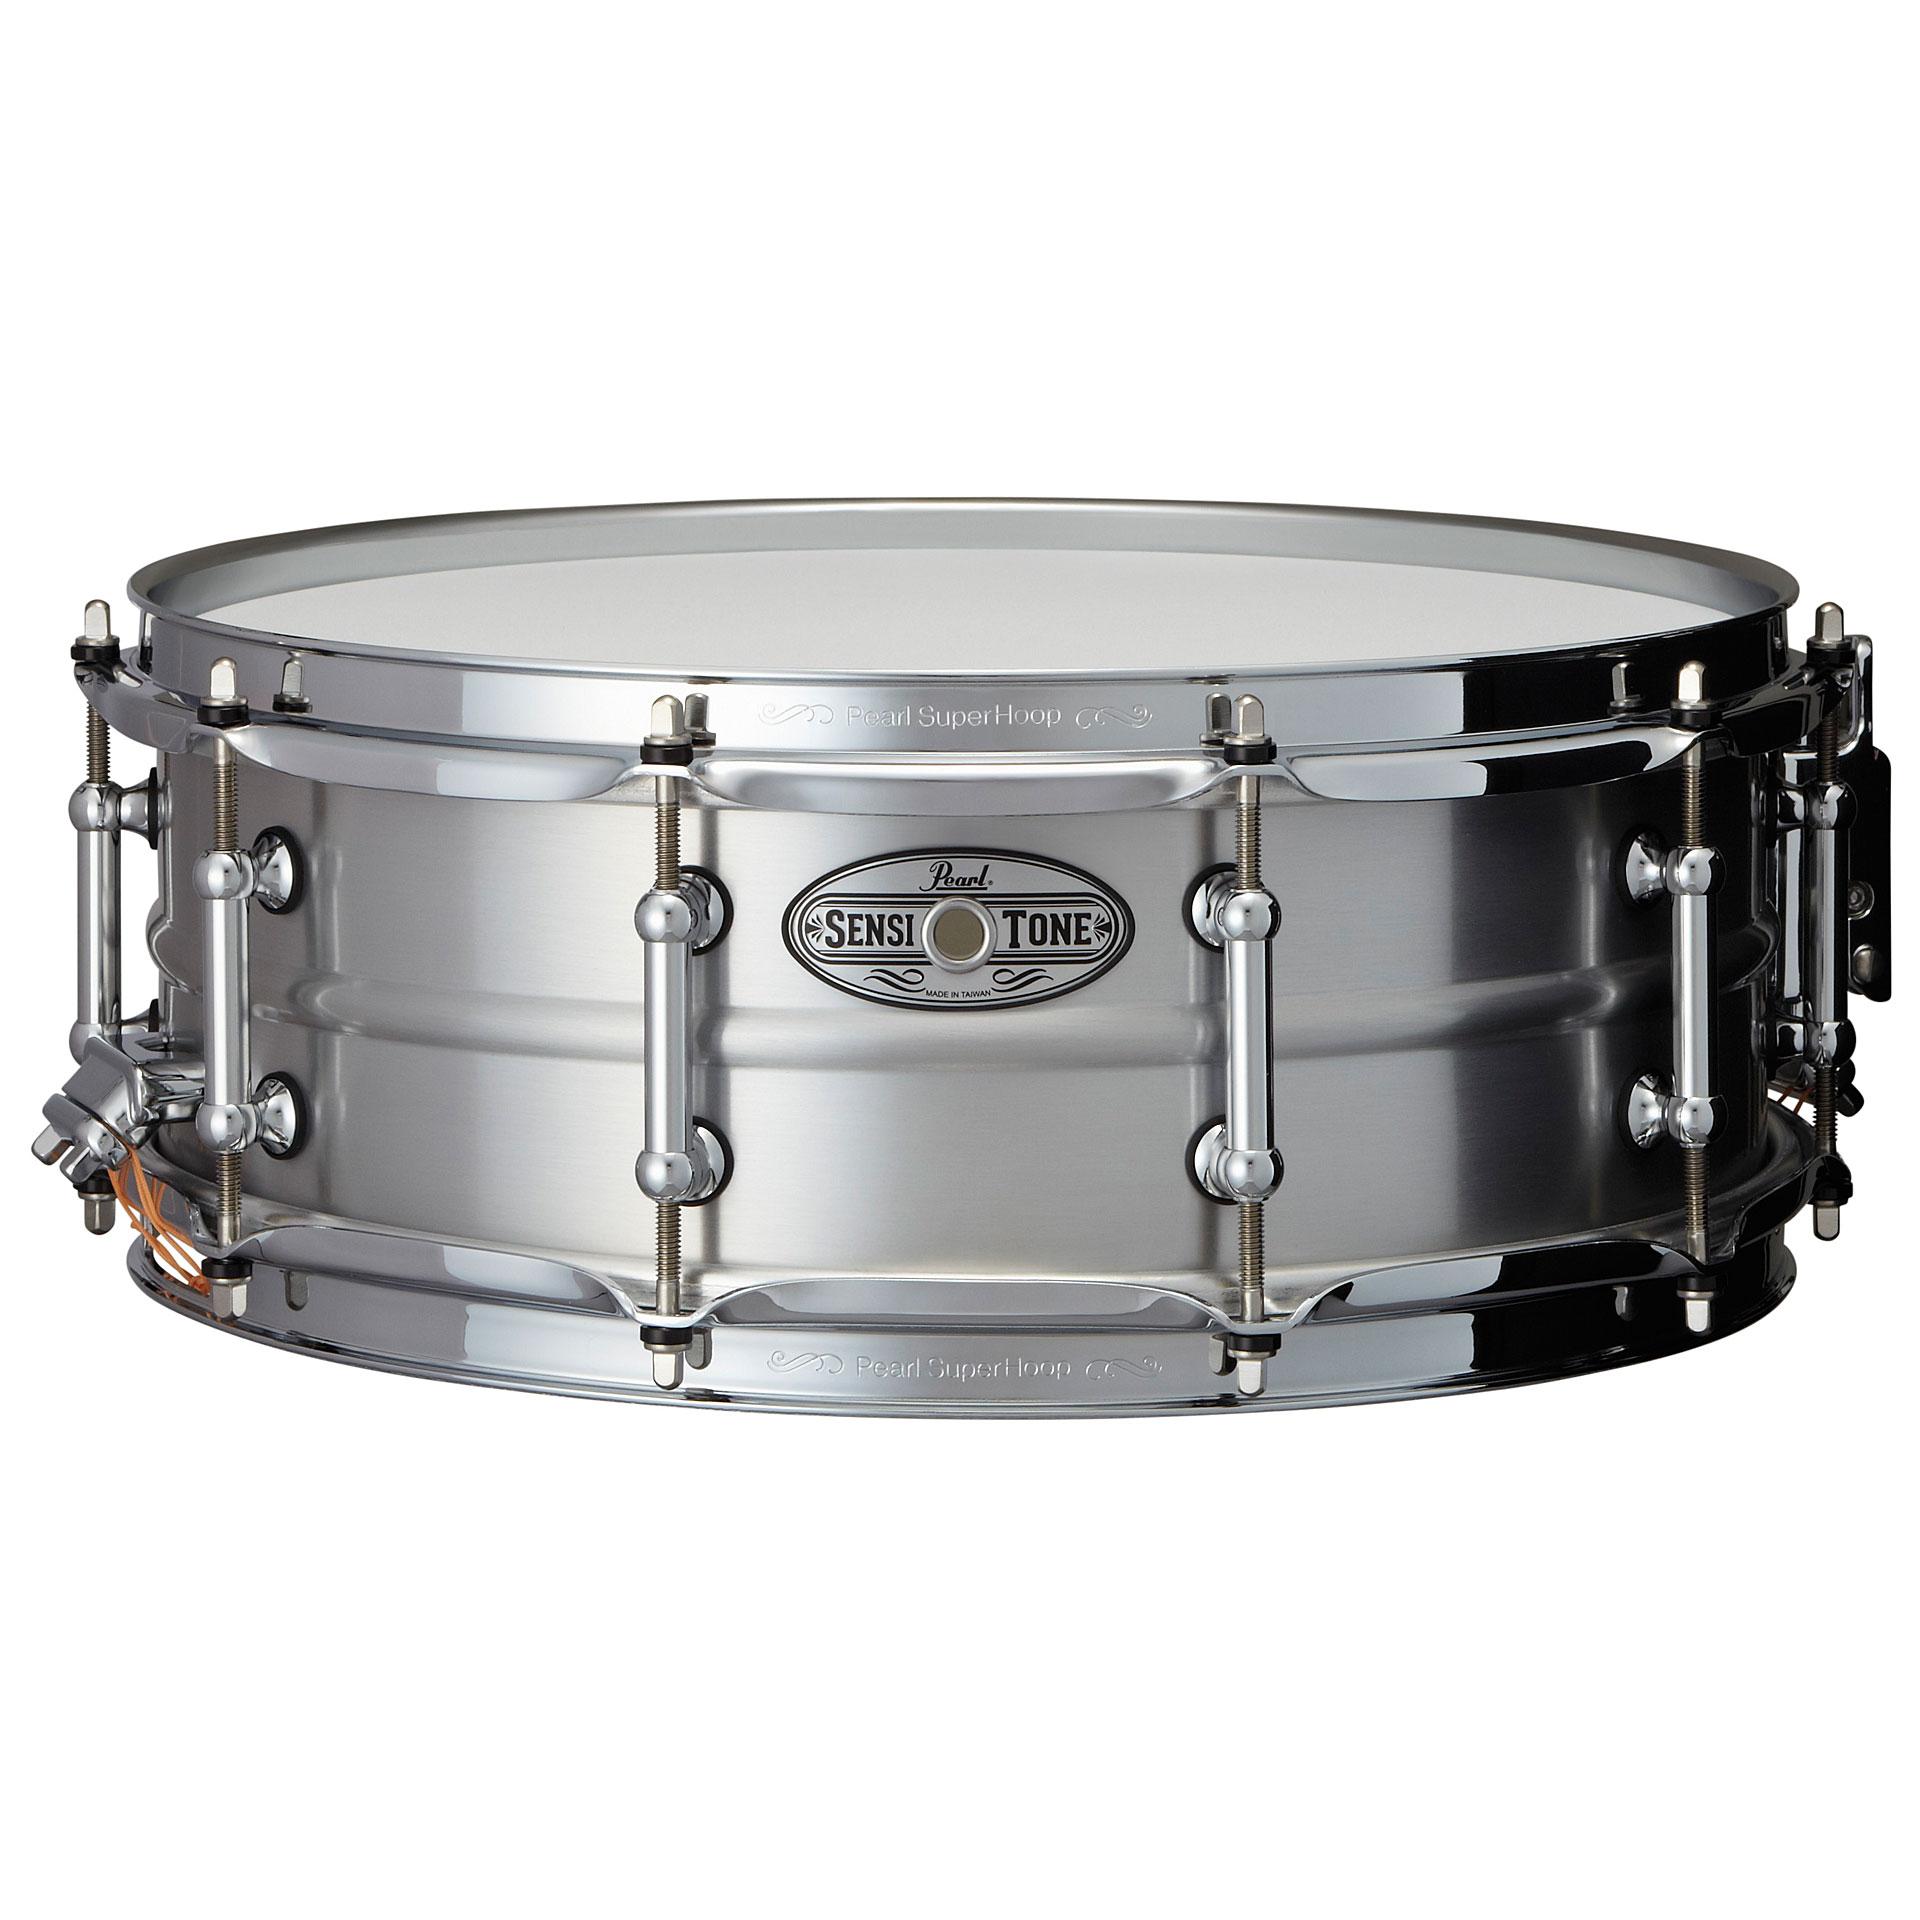 pearl sensitone sta1450al snare drum musik produktiv. Black Bedroom Furniture Sets. Home Design Ideas